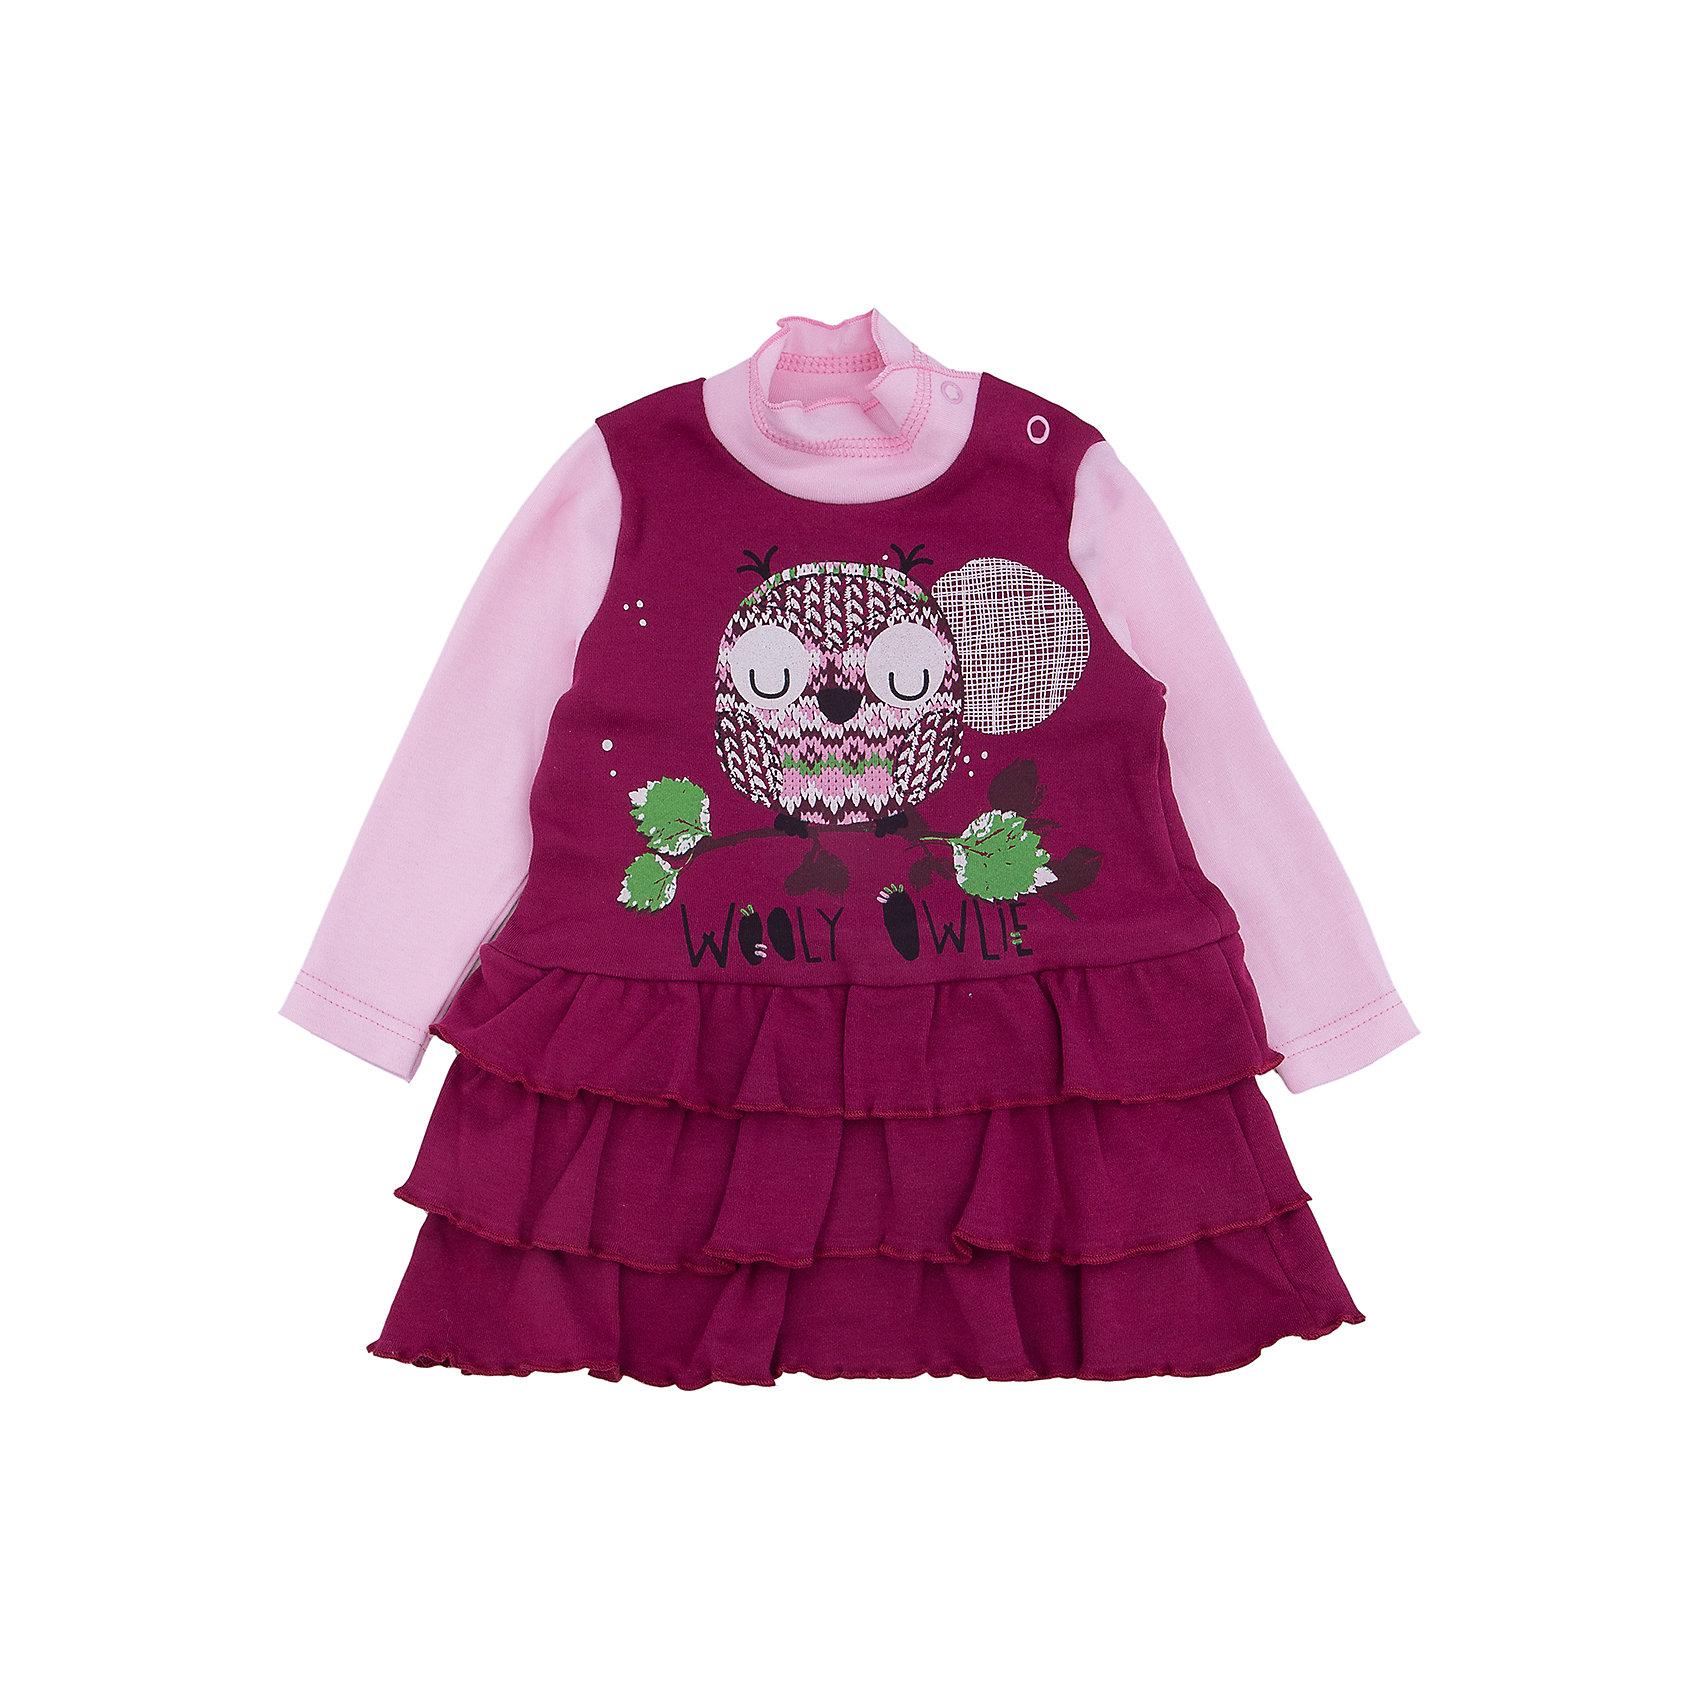 Платье для девочки АпрельПлатья<br>Платье для девочки Апрель.<br><br>Характеристики:<br><br>• состав: 100% хлопок<br>• цвет: розовый<br><br>Платье Апрель превратит девочку в настоящую принцессу. Его подол украшен рюшами, что создает эффект объема. Верх платья декорирован вышивкой со спящей совой. Рукава и ворот платья намного светлее верха и подола. Такая контрастная расцветка делает платье еще привлекательнее. Платье изготовлено из хлопка, приятного телу. Сверху застегивается на кнопки. В таком платье девочка всегда будет в центре внимания!<br><br>Платье для девочки Апрель вы можете купить в нашем интернет-магазине.<br><br>Ширина мм: 236<br>Глубина мм: 16<br>Высота мм: 184<br>Вес г: 177<br>Цвет: розовый<br>Возраст от месяцев: 6<br>Возраст до месяцев: 9<br>Пол: Женский<br>Возраст: Детский<br>Размер: 92,74,98,80,86<br>SKU: 5006845